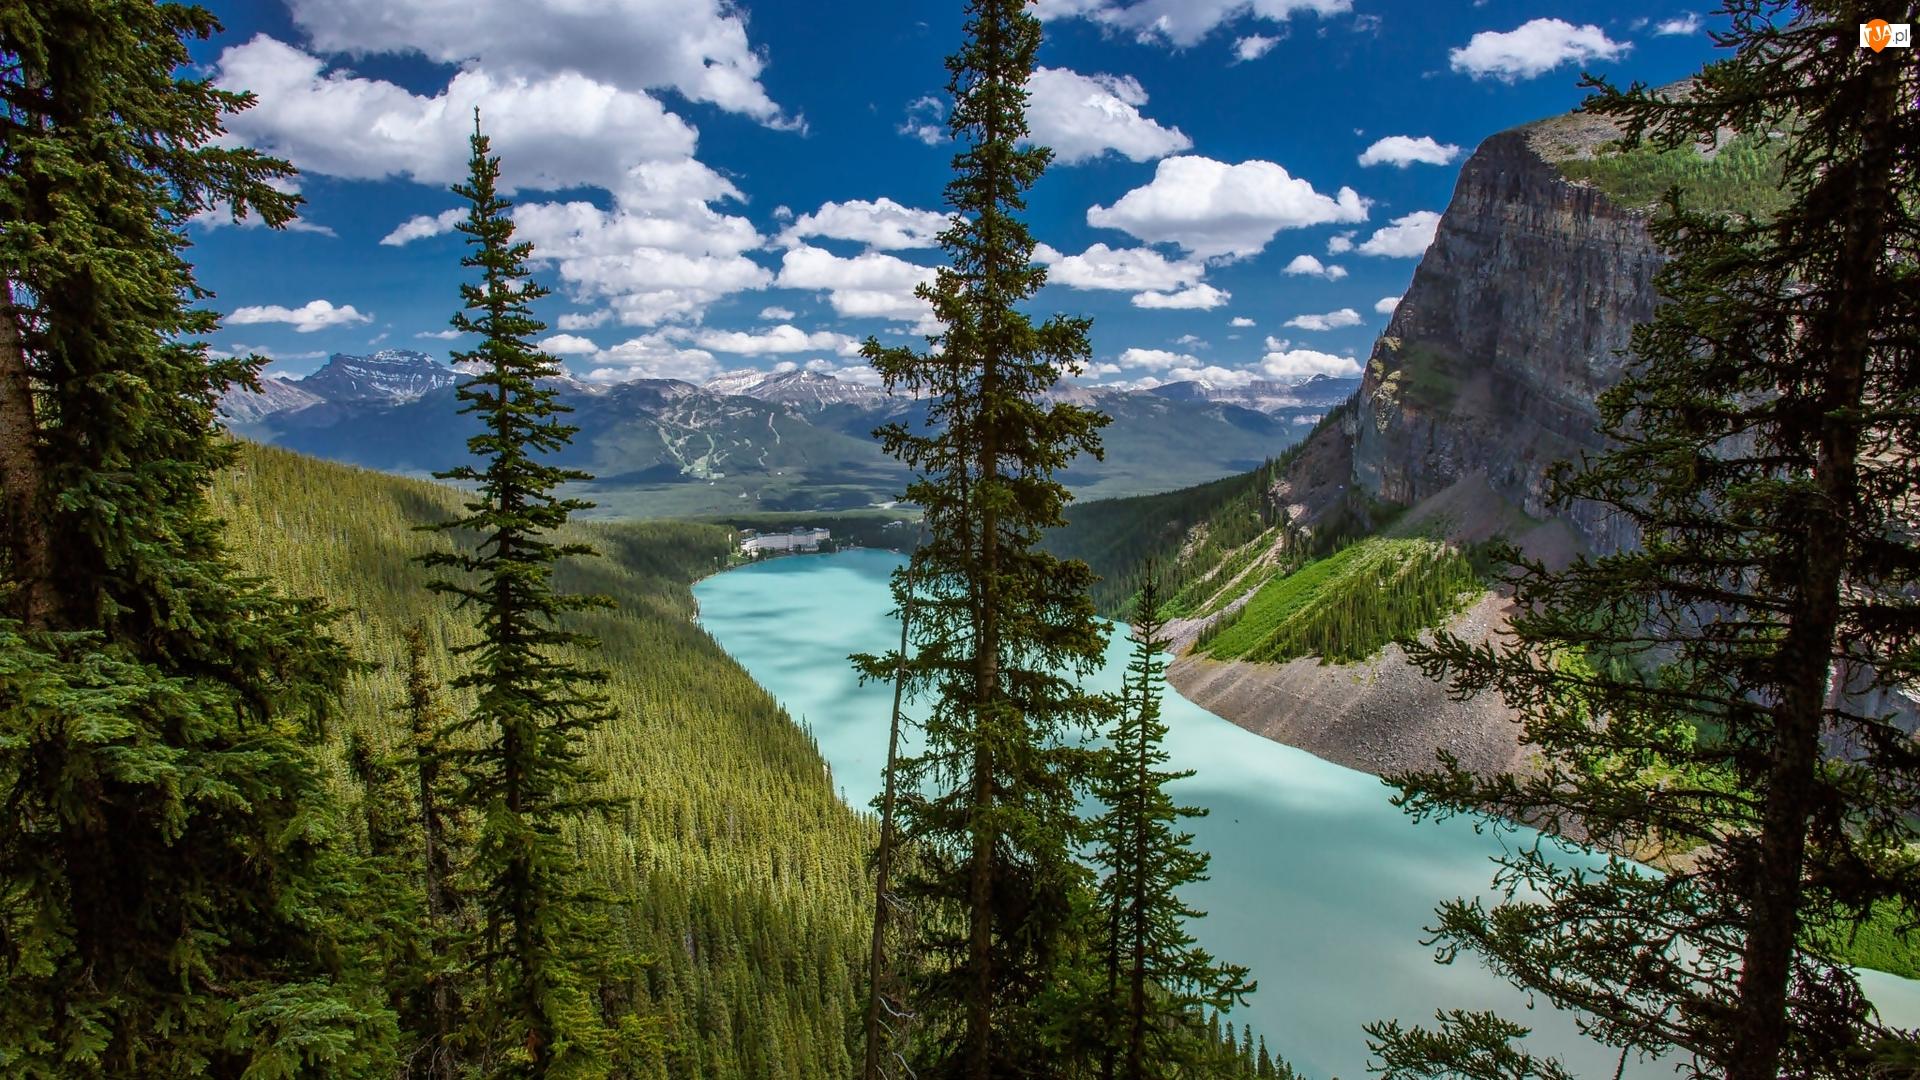 Park Narodowy Banff, Jezioro Moraine, Drzewa, Kanada, Lasy, Drzewa, Góry